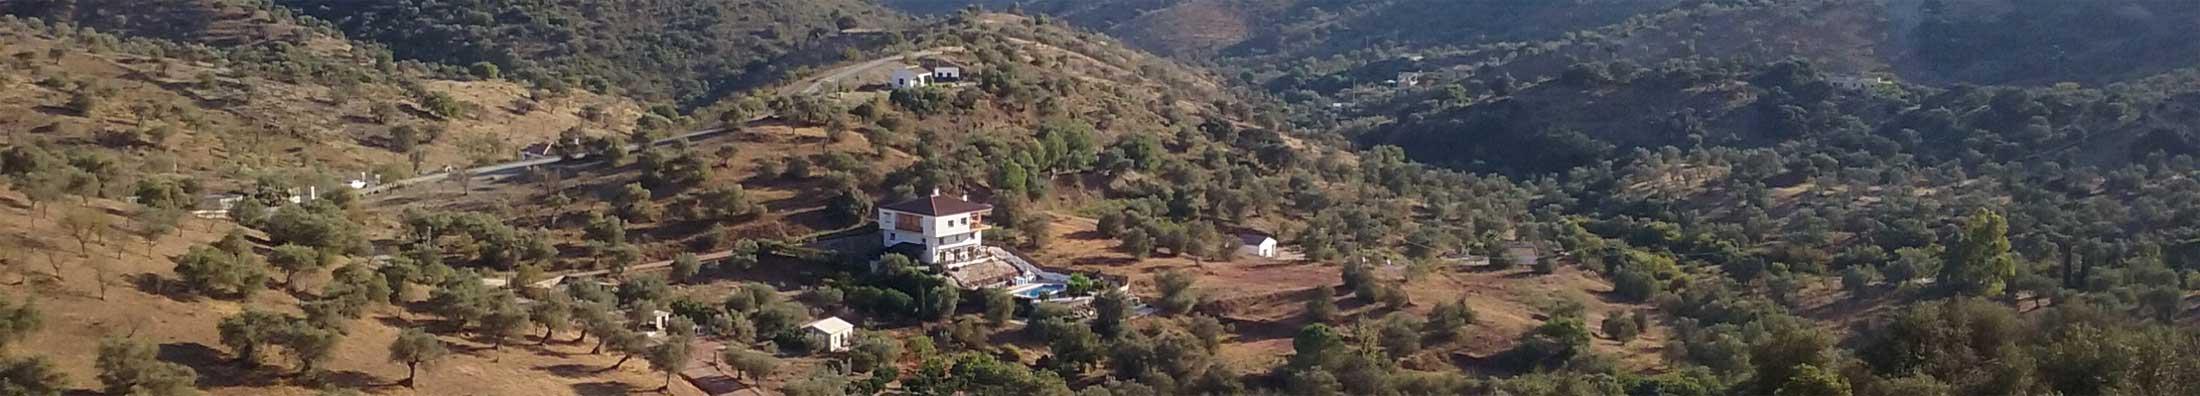 Beste Bed and Breakfast - B&B Casa El Corasueño - Andalusië - Málaga - Almogía - topfoto